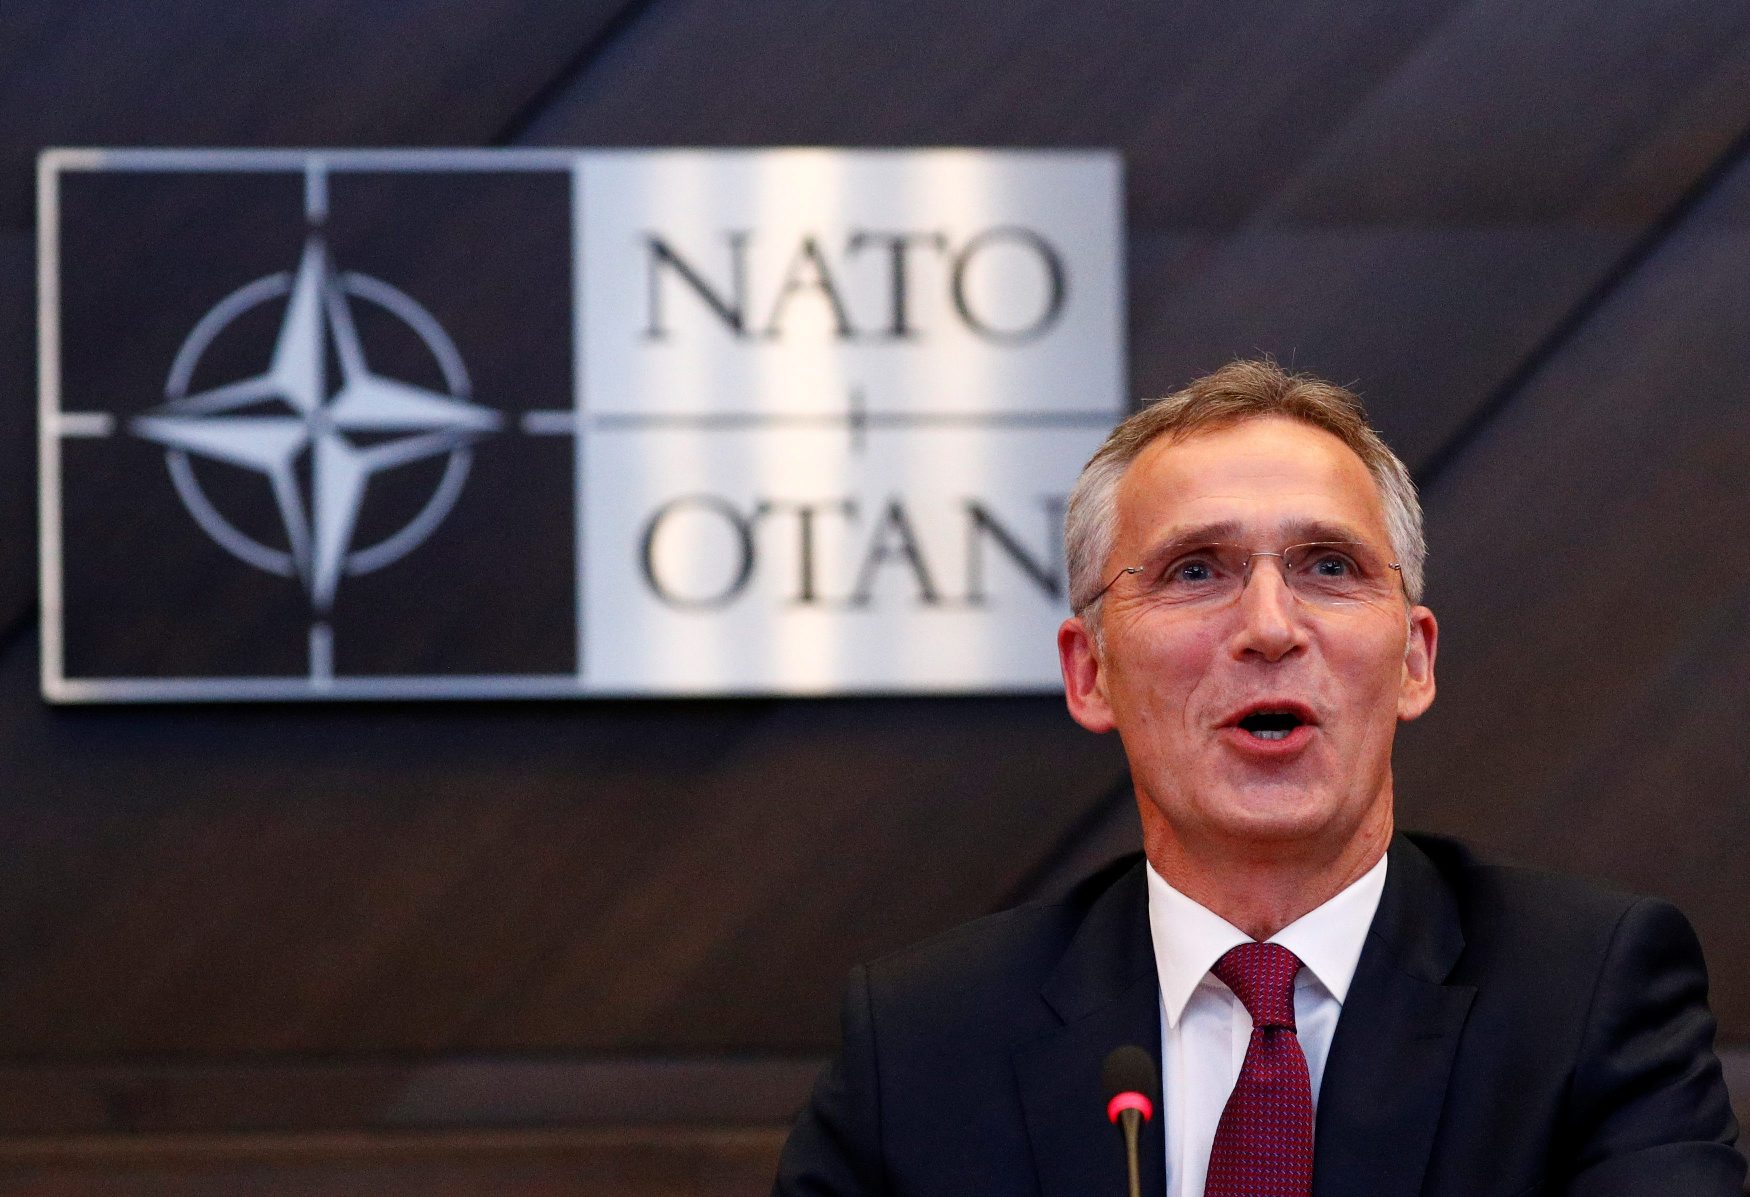 2018-10-03T144008Z_1600555117_RC1A5FCF8E70_RTRMADP_3_NATO-DEFENCE